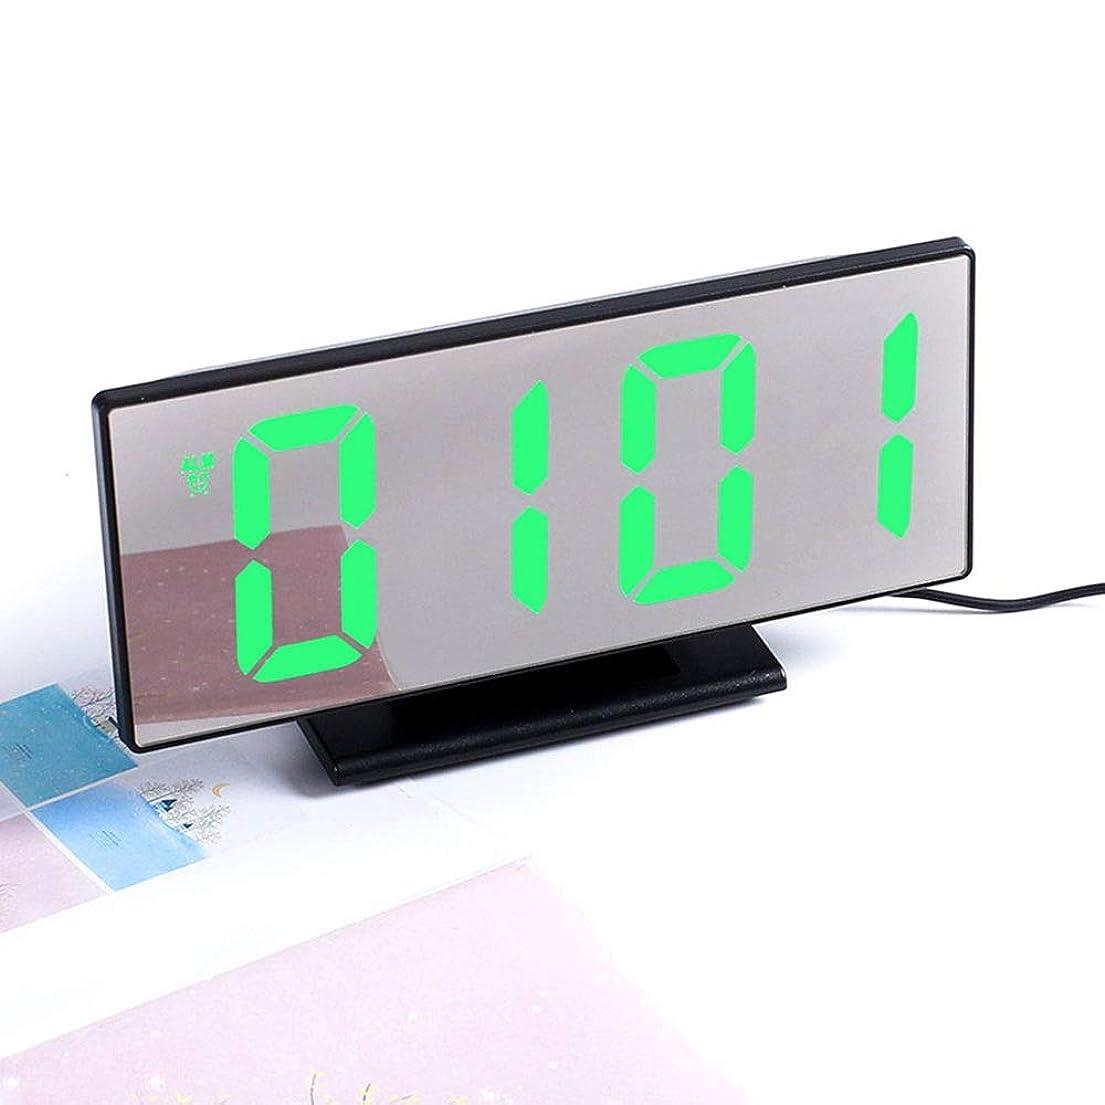 取り組む潜むくつろぐLVESHOP デジタル目覚まし時計LEDミラークロック多機能スヌーズ表示時間ナイトテーブルデスクトップオフィスホーム寝室 (色 : T4)